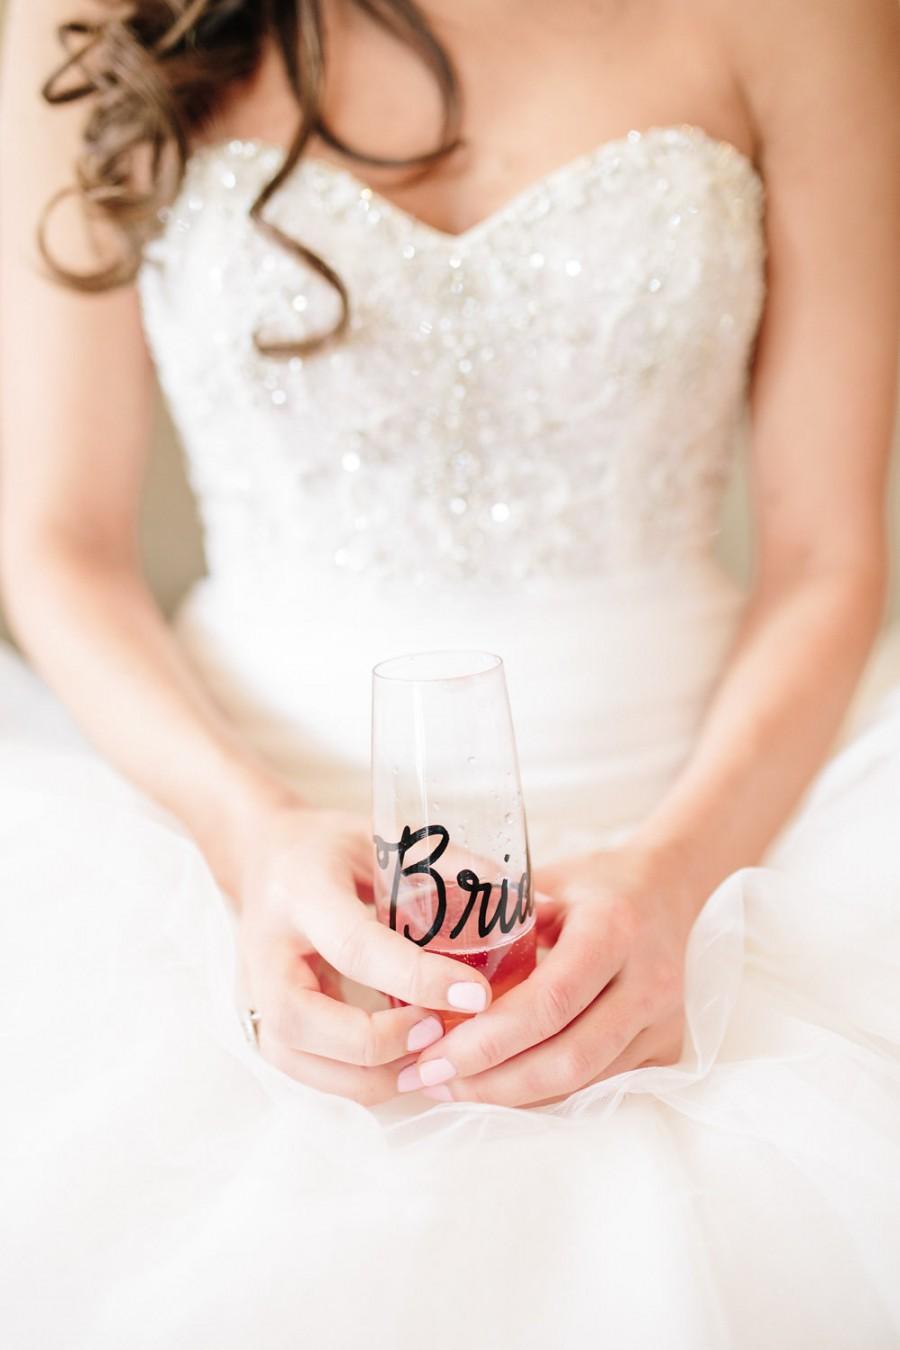 زفاف - Personalized Stemless Champagne Flutes, PLASTIC Wedding Calligraphy for Bachelorette Party, Wedding, Shower, New Years or Anniversary